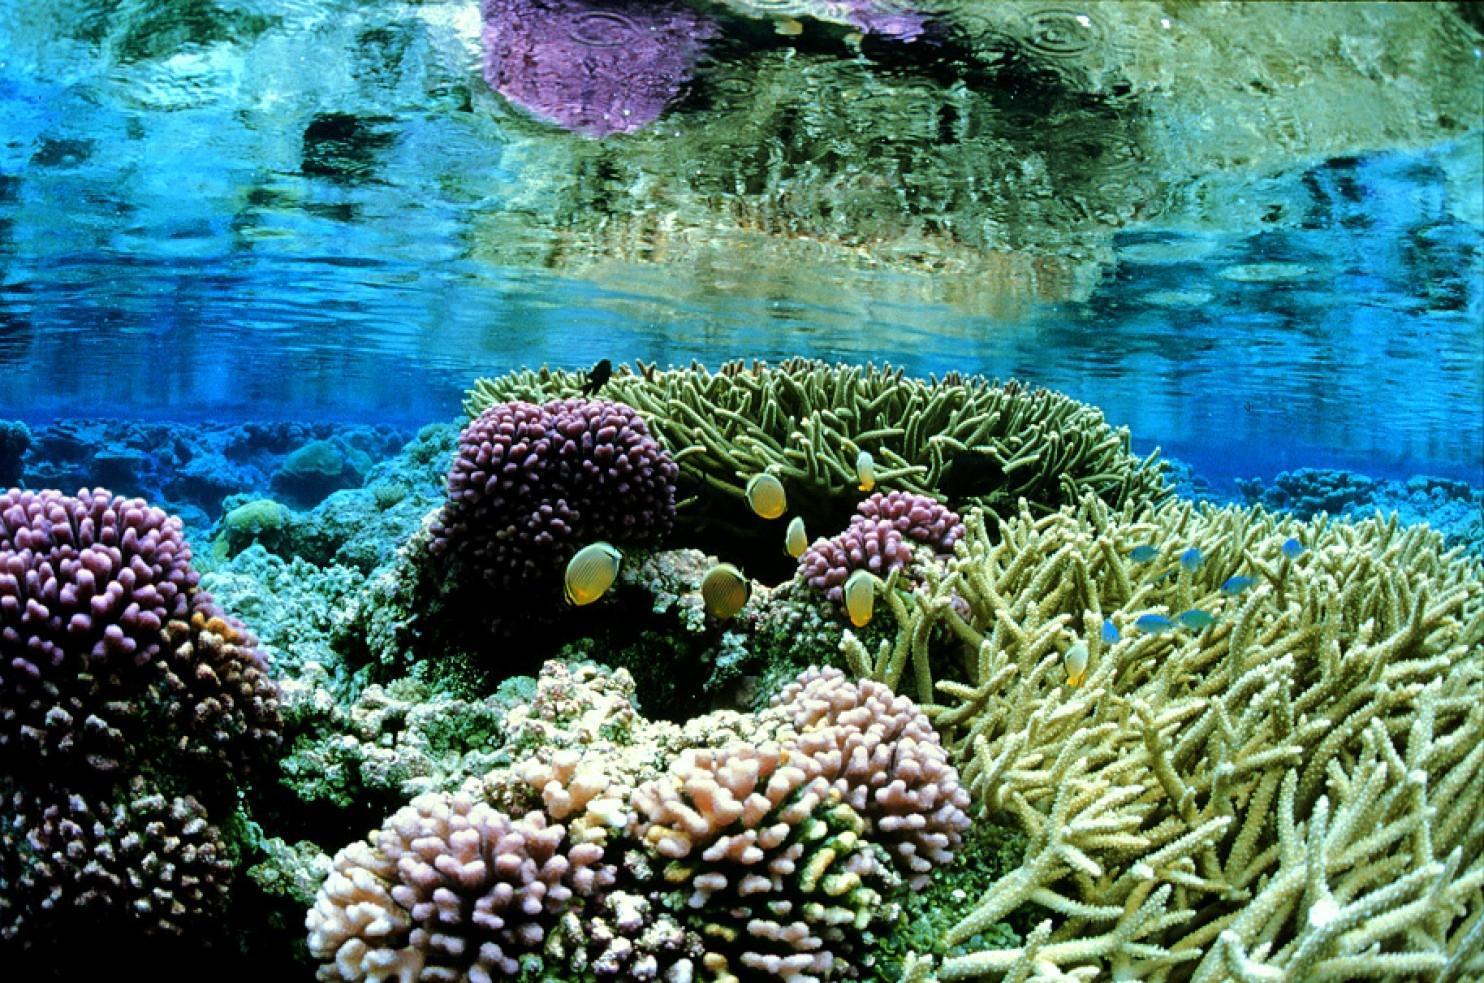 САЩ правят най-големия морски резерват в Тихия океан